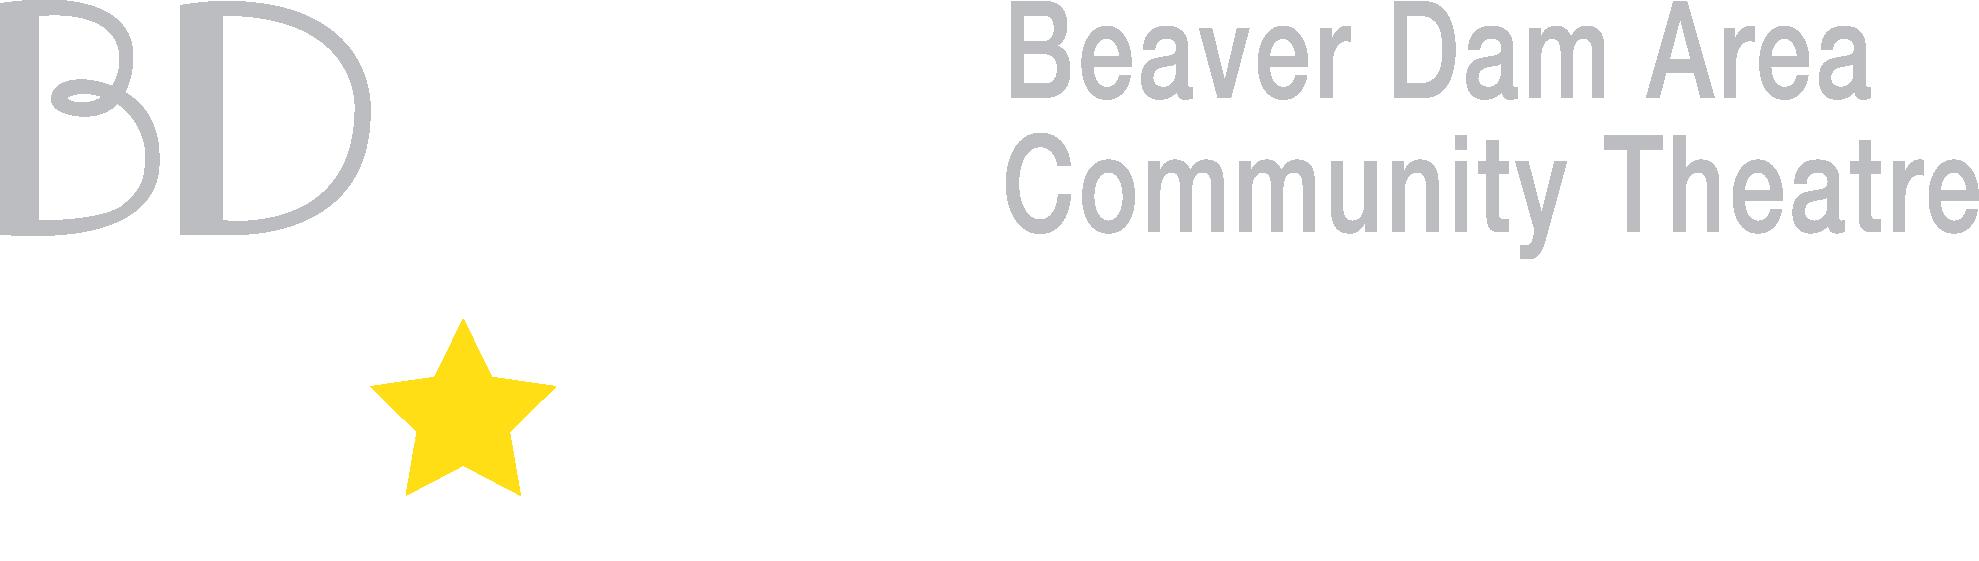 Beaver Dam Area Community Theatre